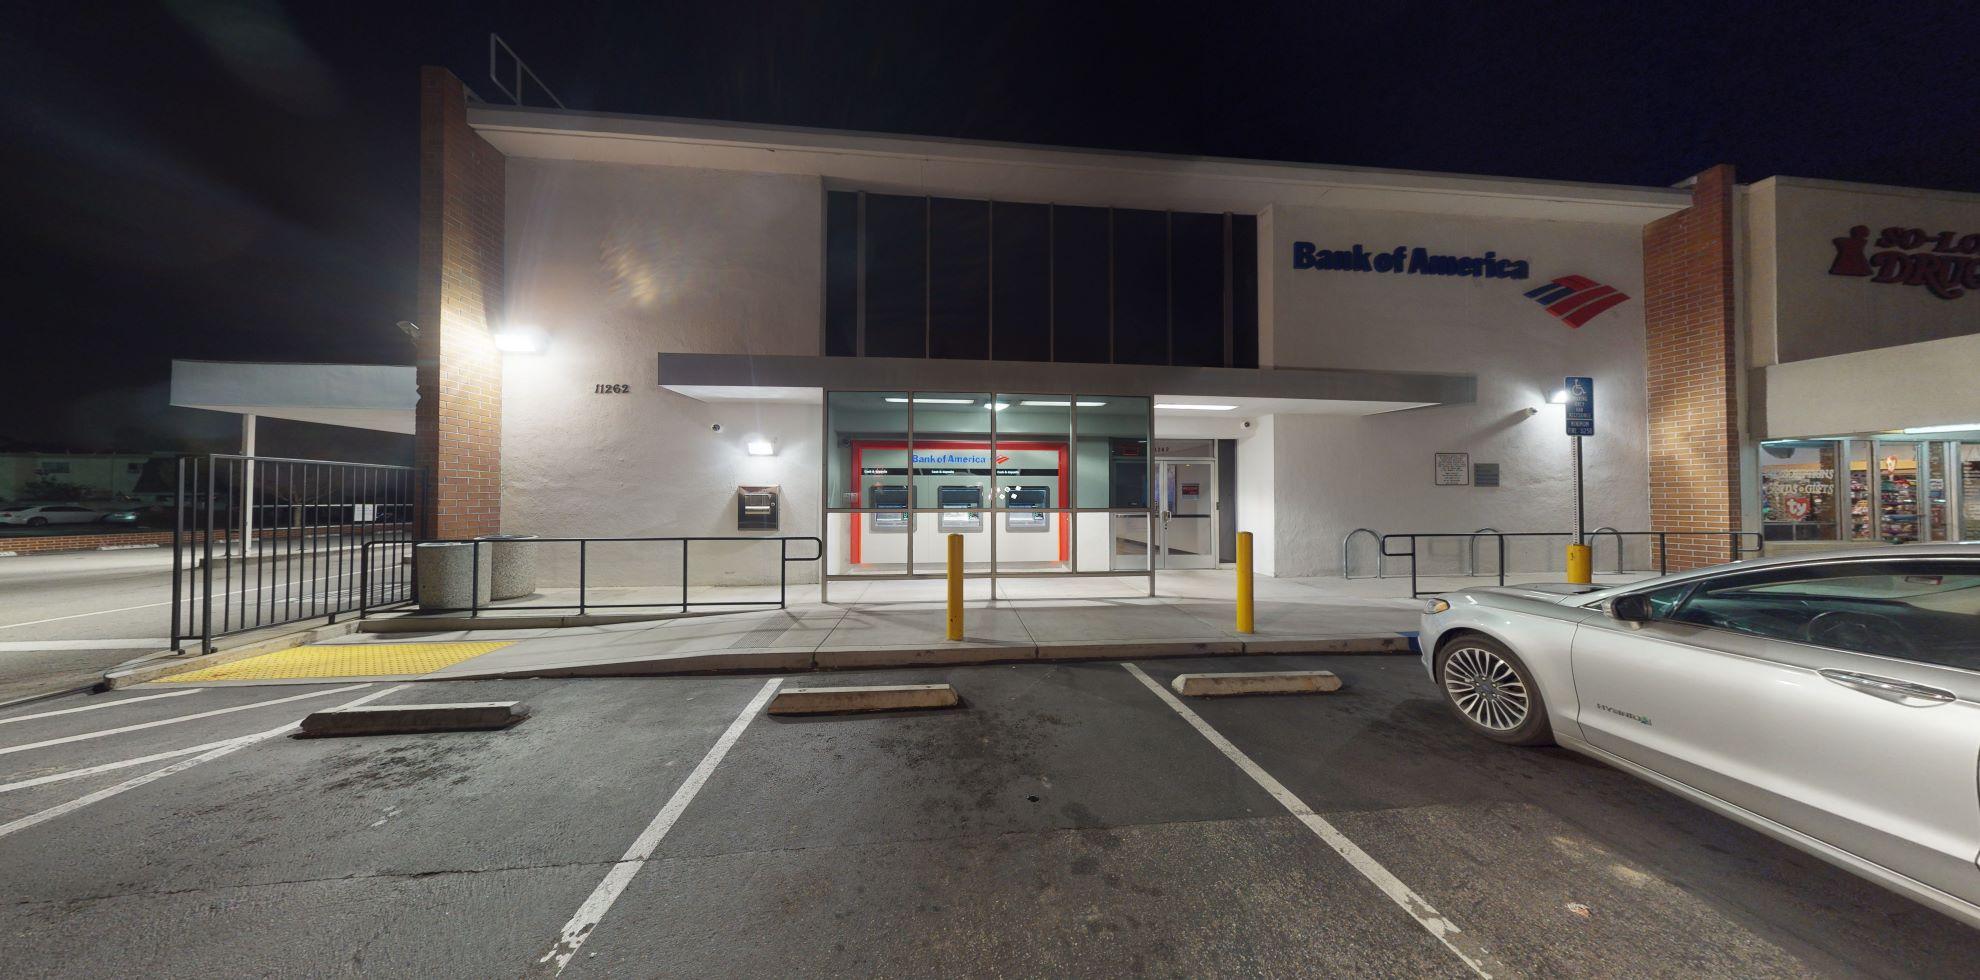 Bank of America financial center with drive-thru ATM   11262 Los Alamitos Blvd, Los Alamitos, CA 90720